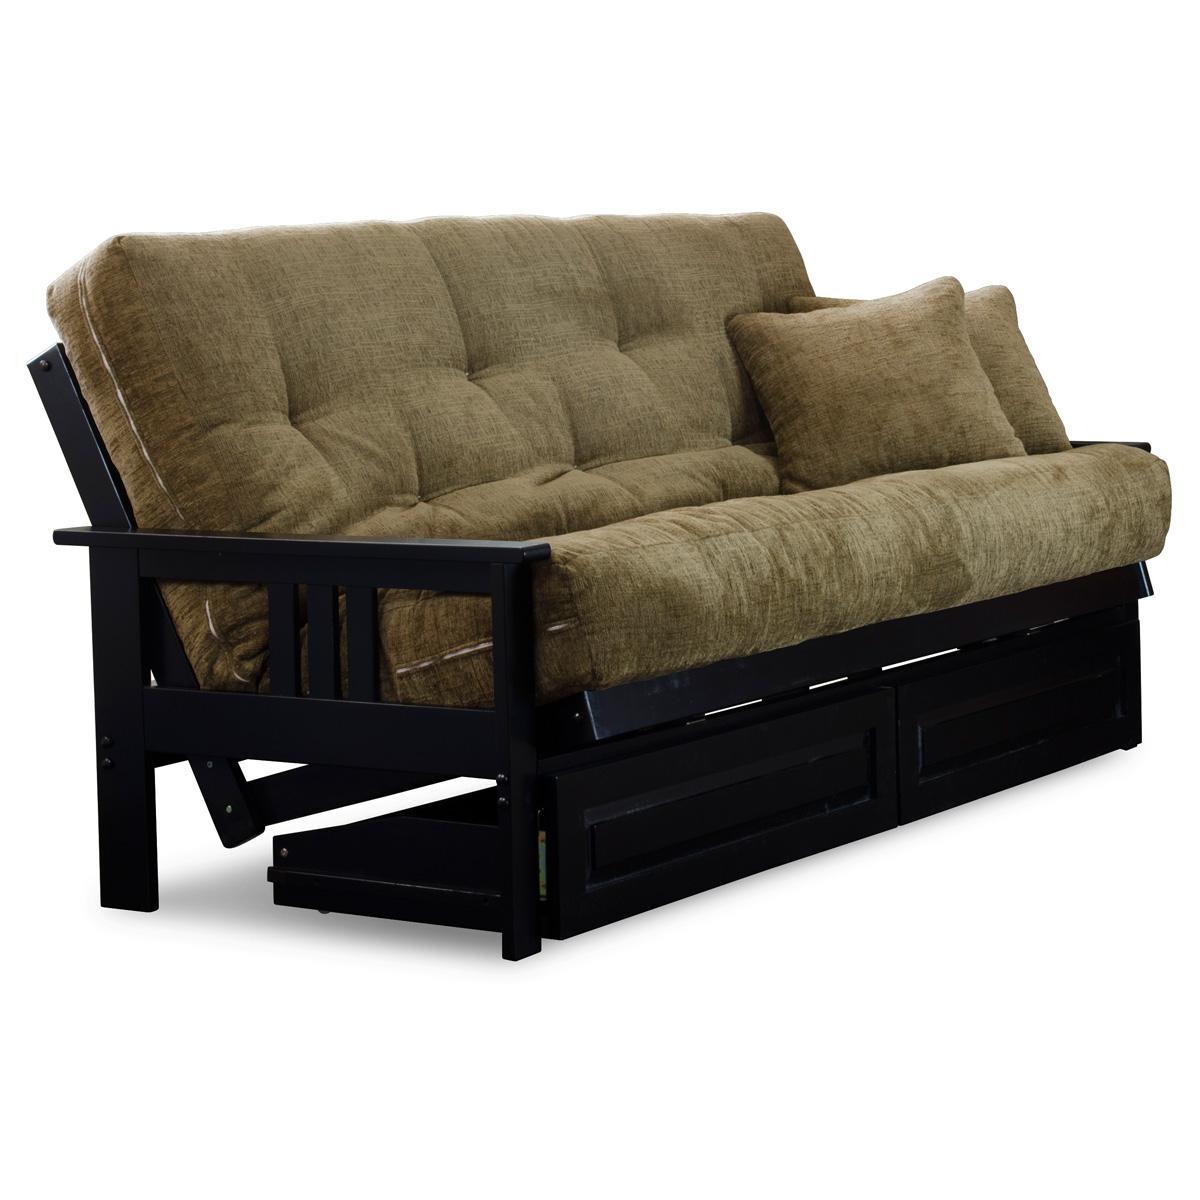 orlando full size wood futon set black designer. Black Bedroom Furniture Sets. Home Design Ideas